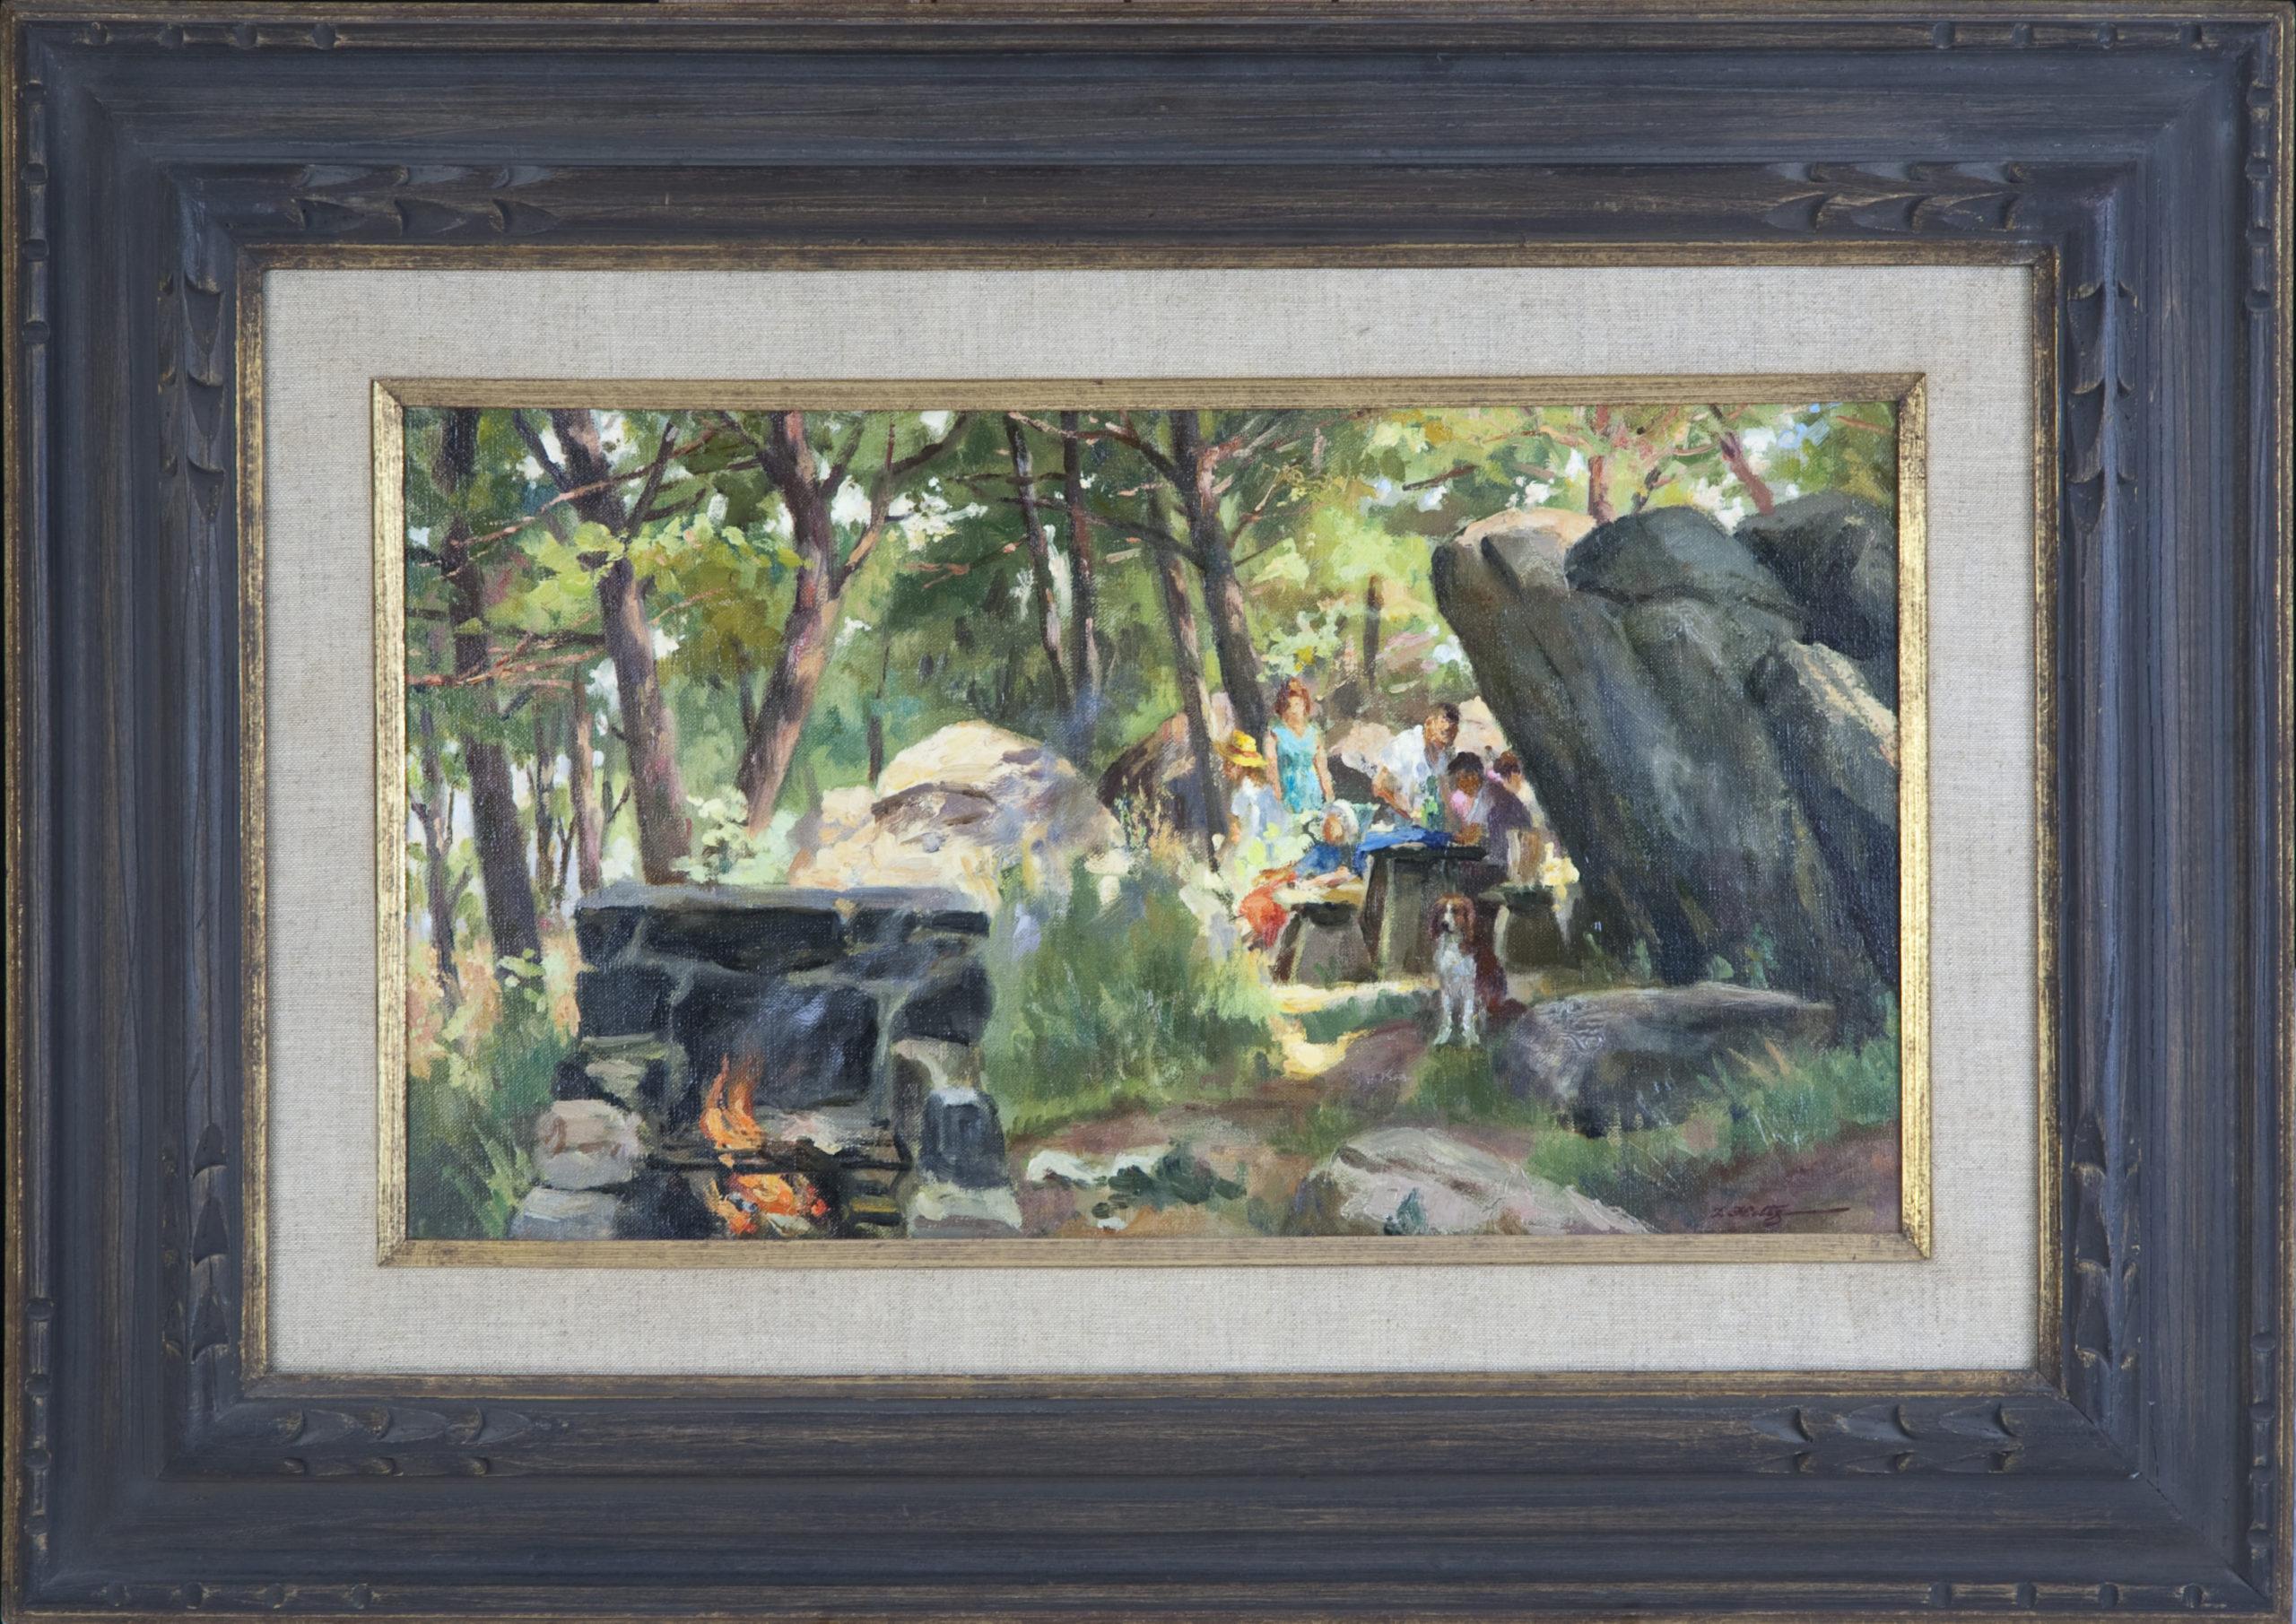 136 Summertime Sunday 1968 - Oil on Canvas - 18 x 10 - Frame: 27.5 x 19.25 x 2